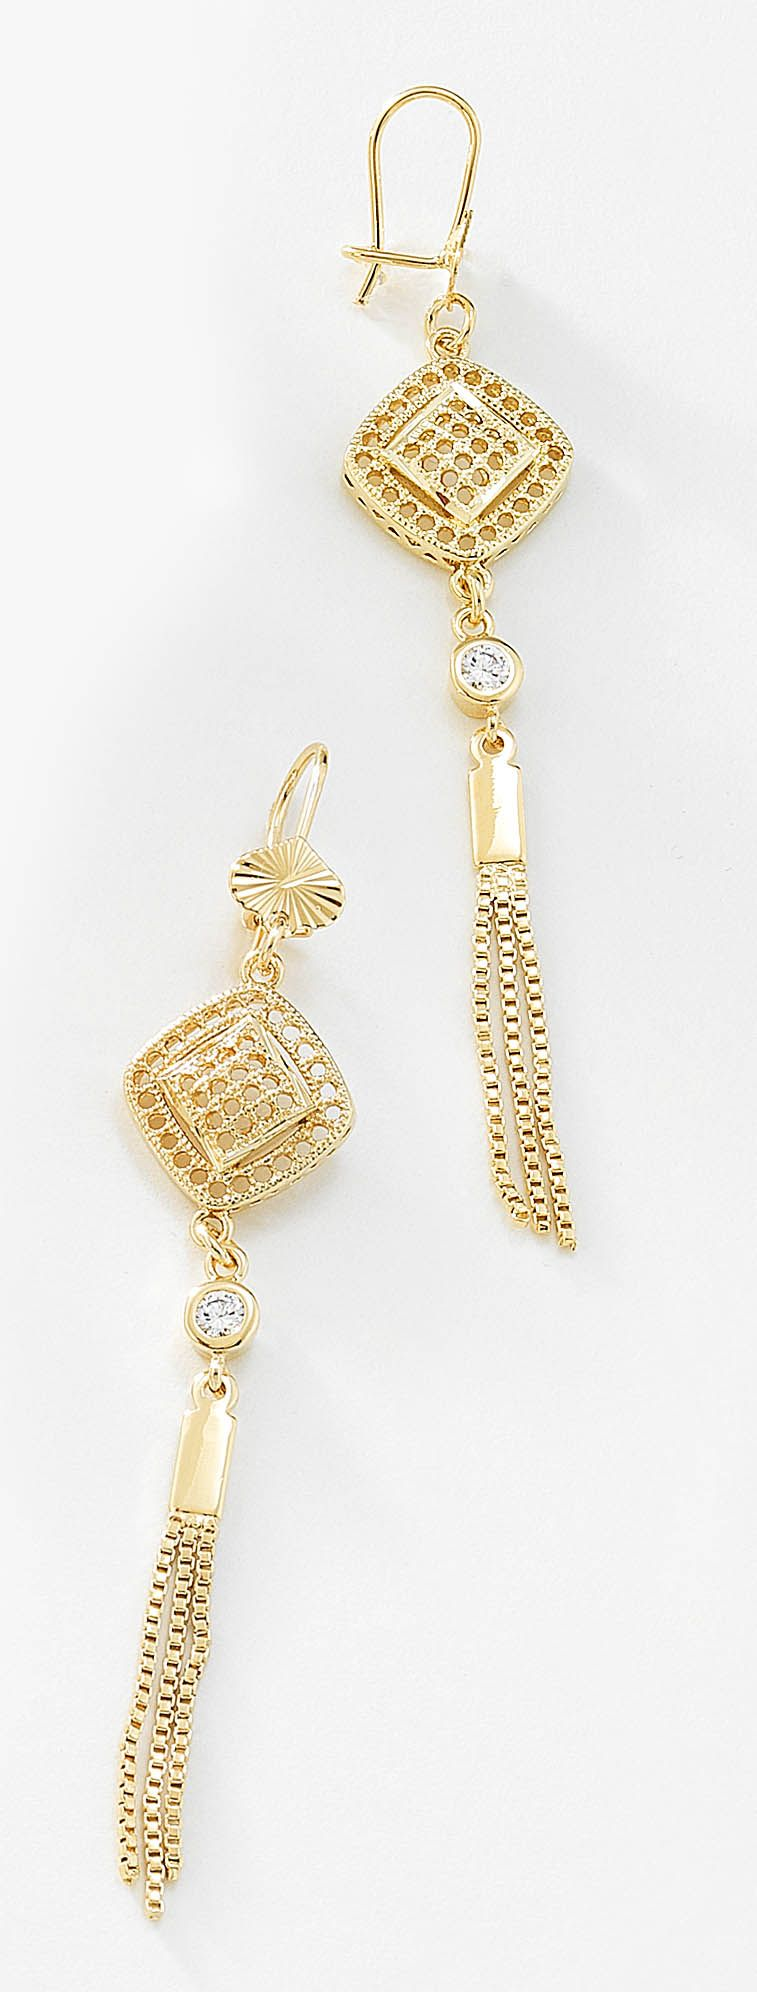 4776560bb370 Aretes largos con pequeñas tiras de cadenas e 4 baños de oro de 18 kl.